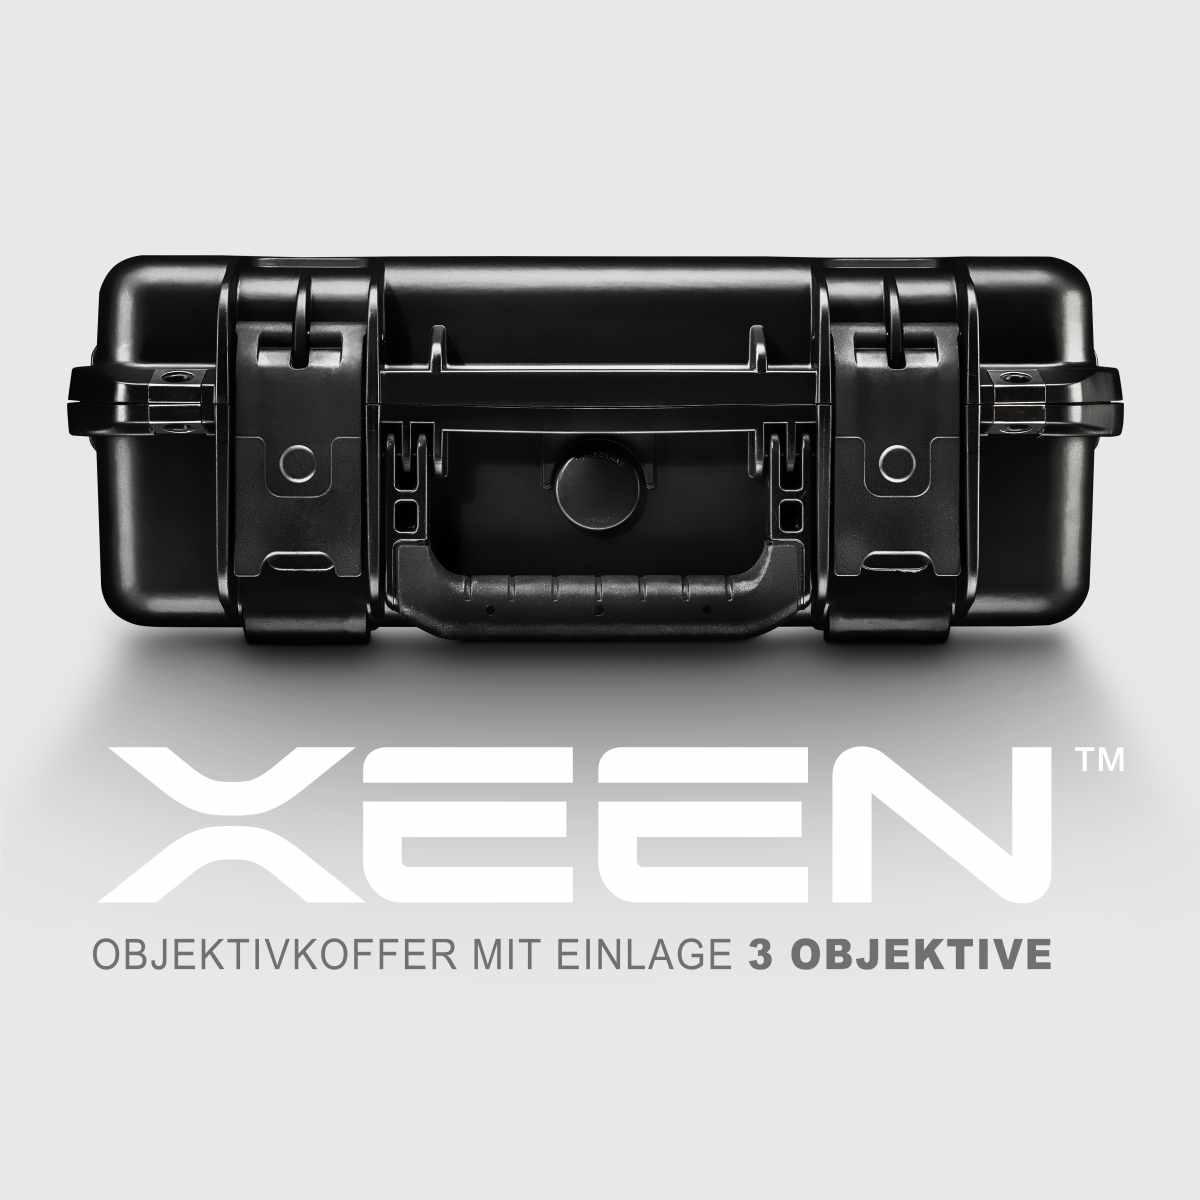 XEEN CF lens case with inlay 3 lenses